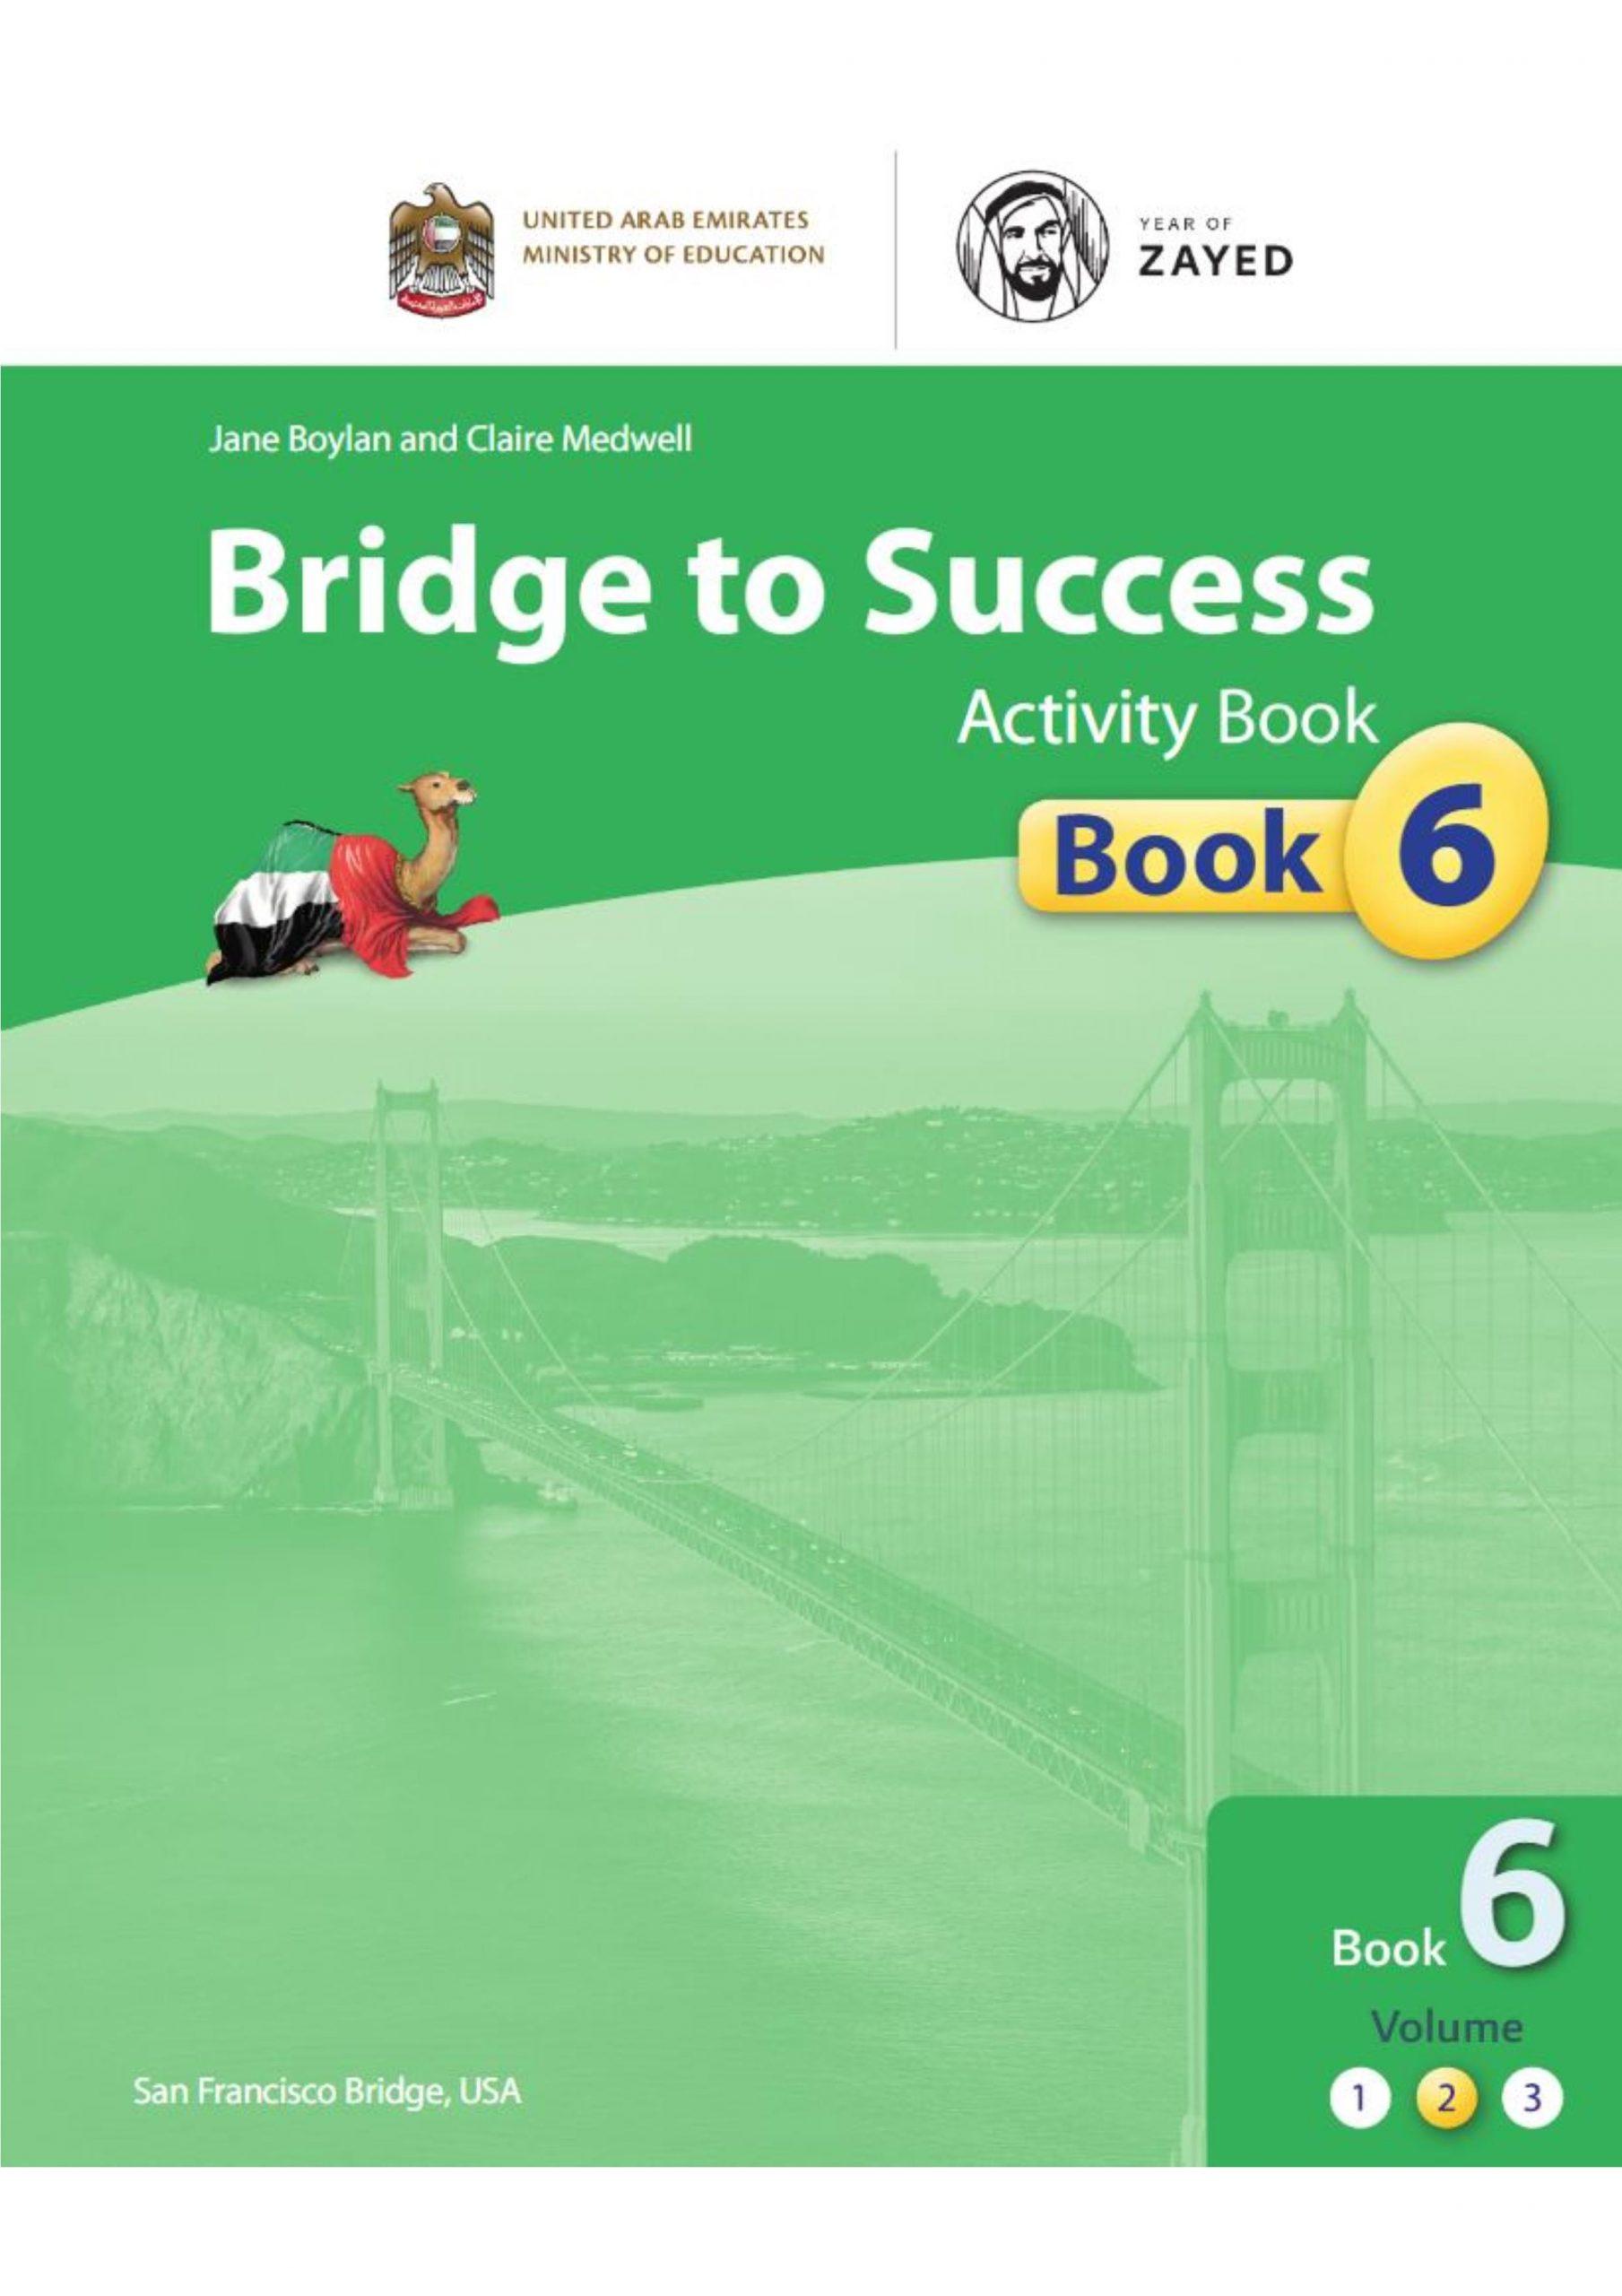 كتاب النشاط الفصل الدراسي الثاني الصف السادس مادة اللغة الانجليزية